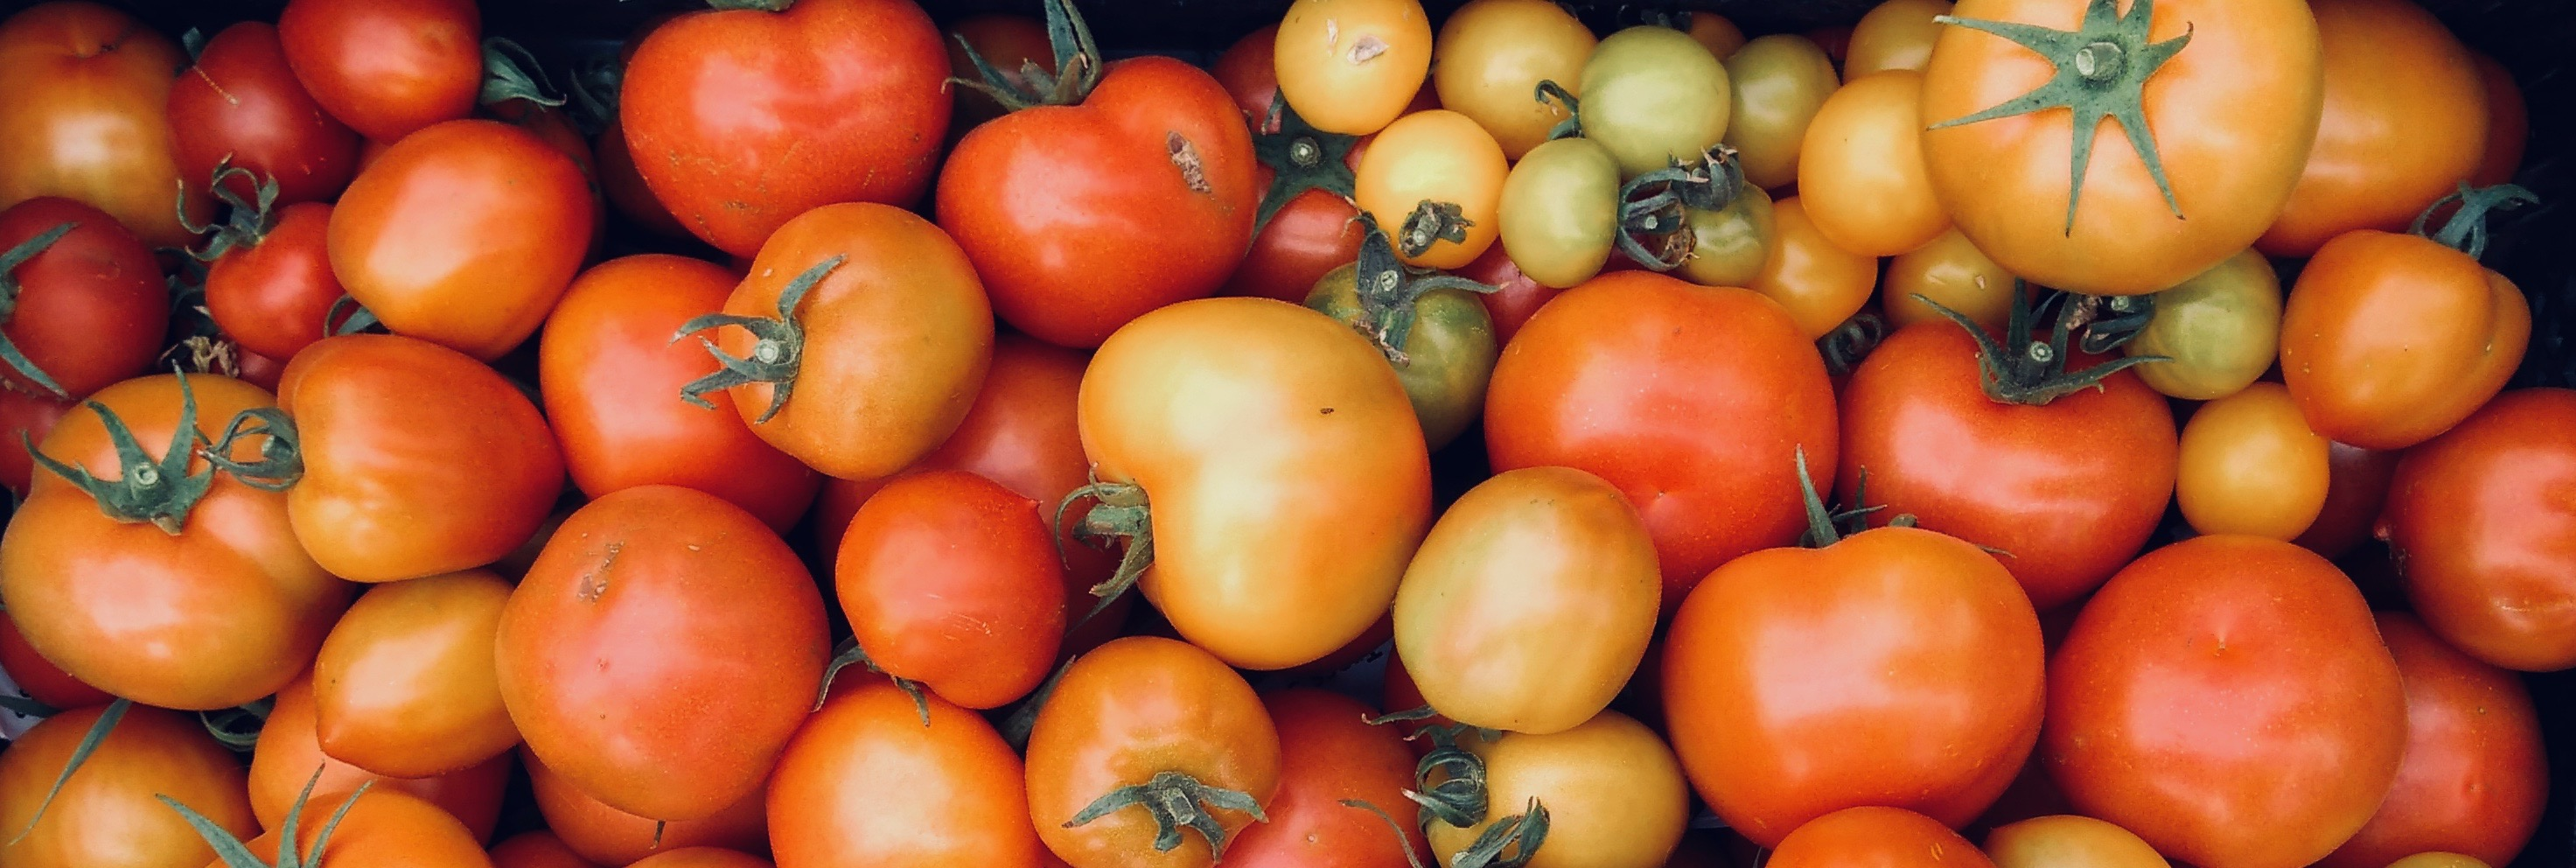 Tomaten-Vielfalt